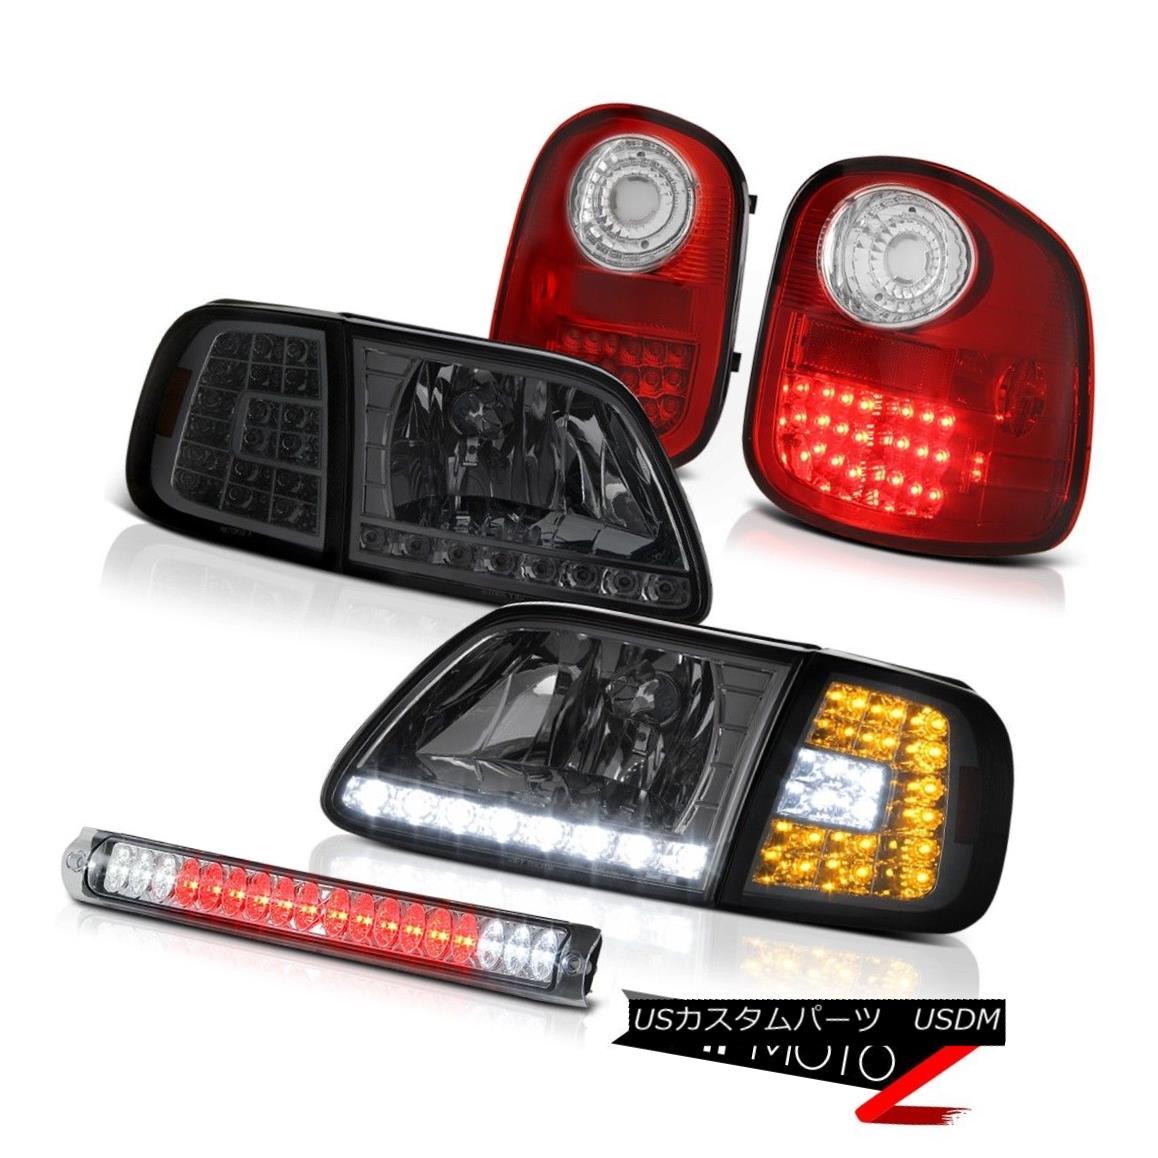 テールライト Corner SMD DRL Headlights Bright Taillamps Brake LED 97-03 F150 Flareside Lariat コーナーSMD DRLヘッドライトブライトTaillampsブレーキLED 97-03 F150 Flareside Lariat